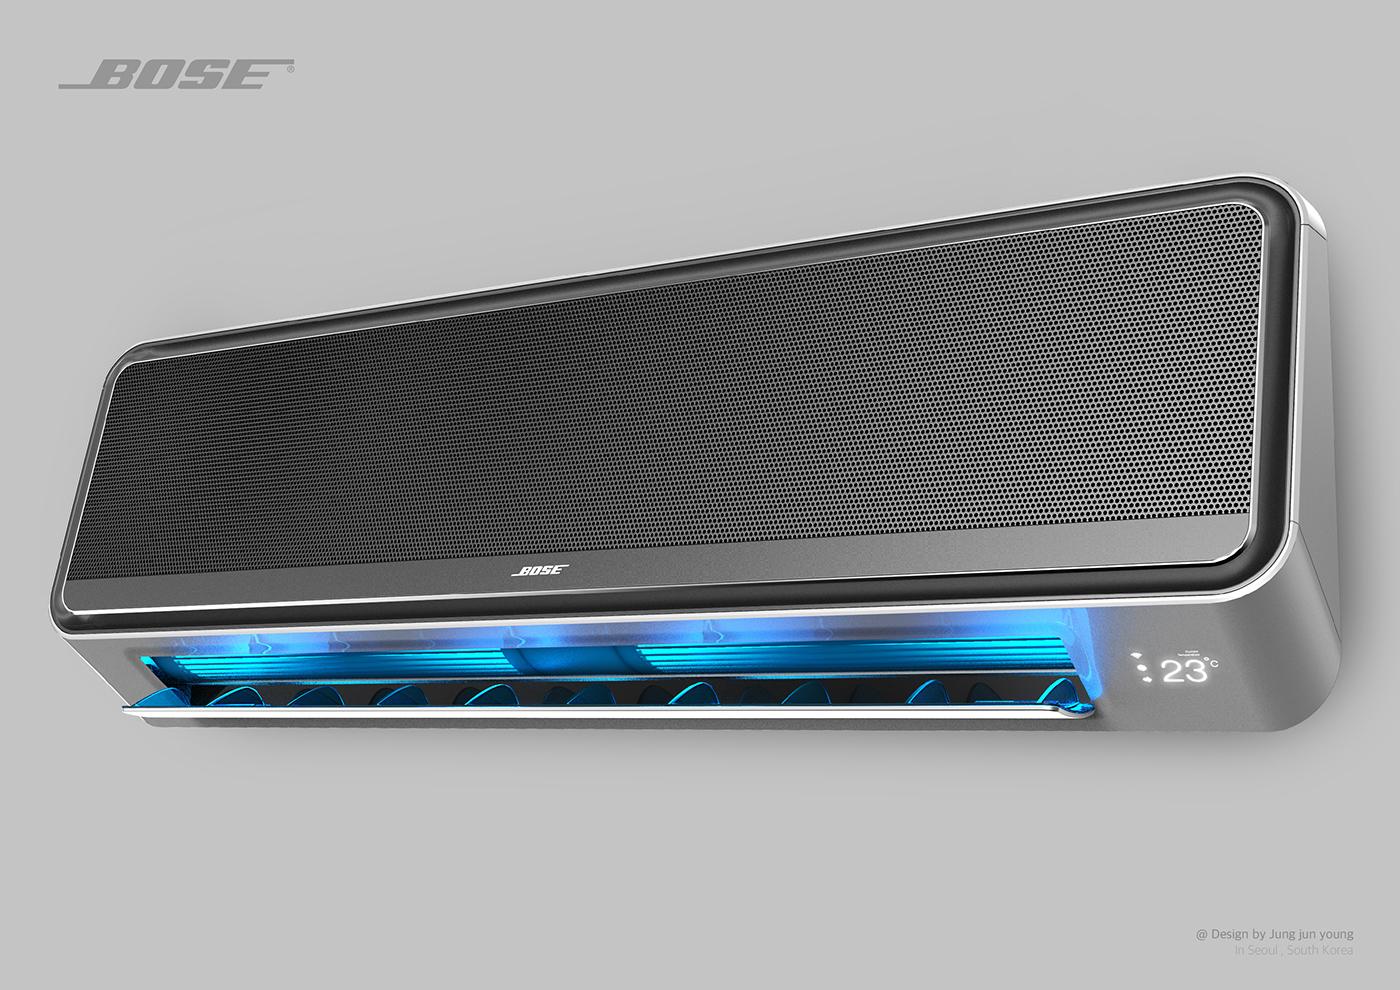 Bose空调设计